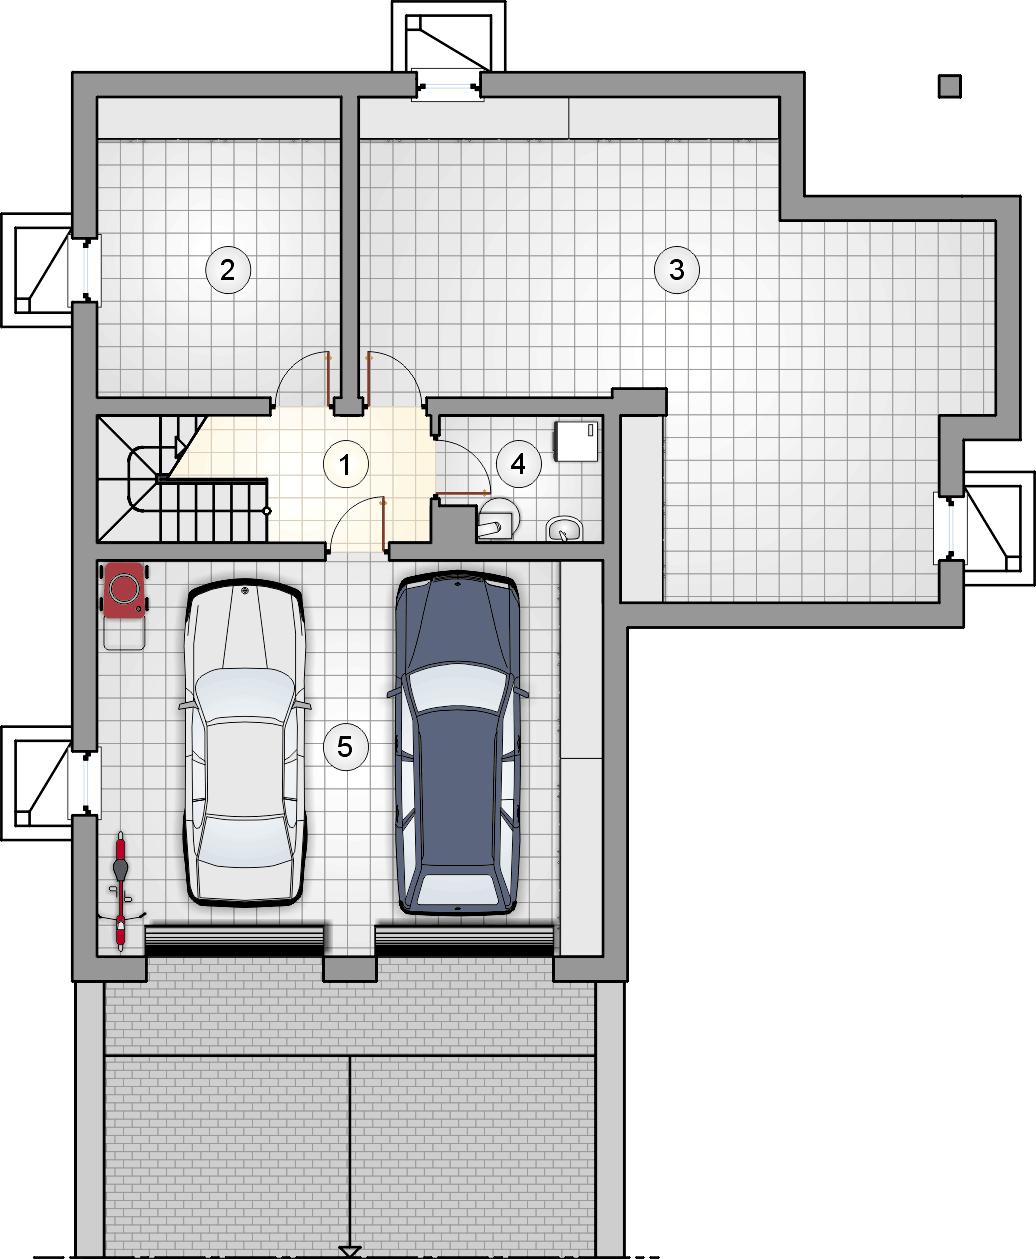 rzut piwnic - projekt Gustaw II